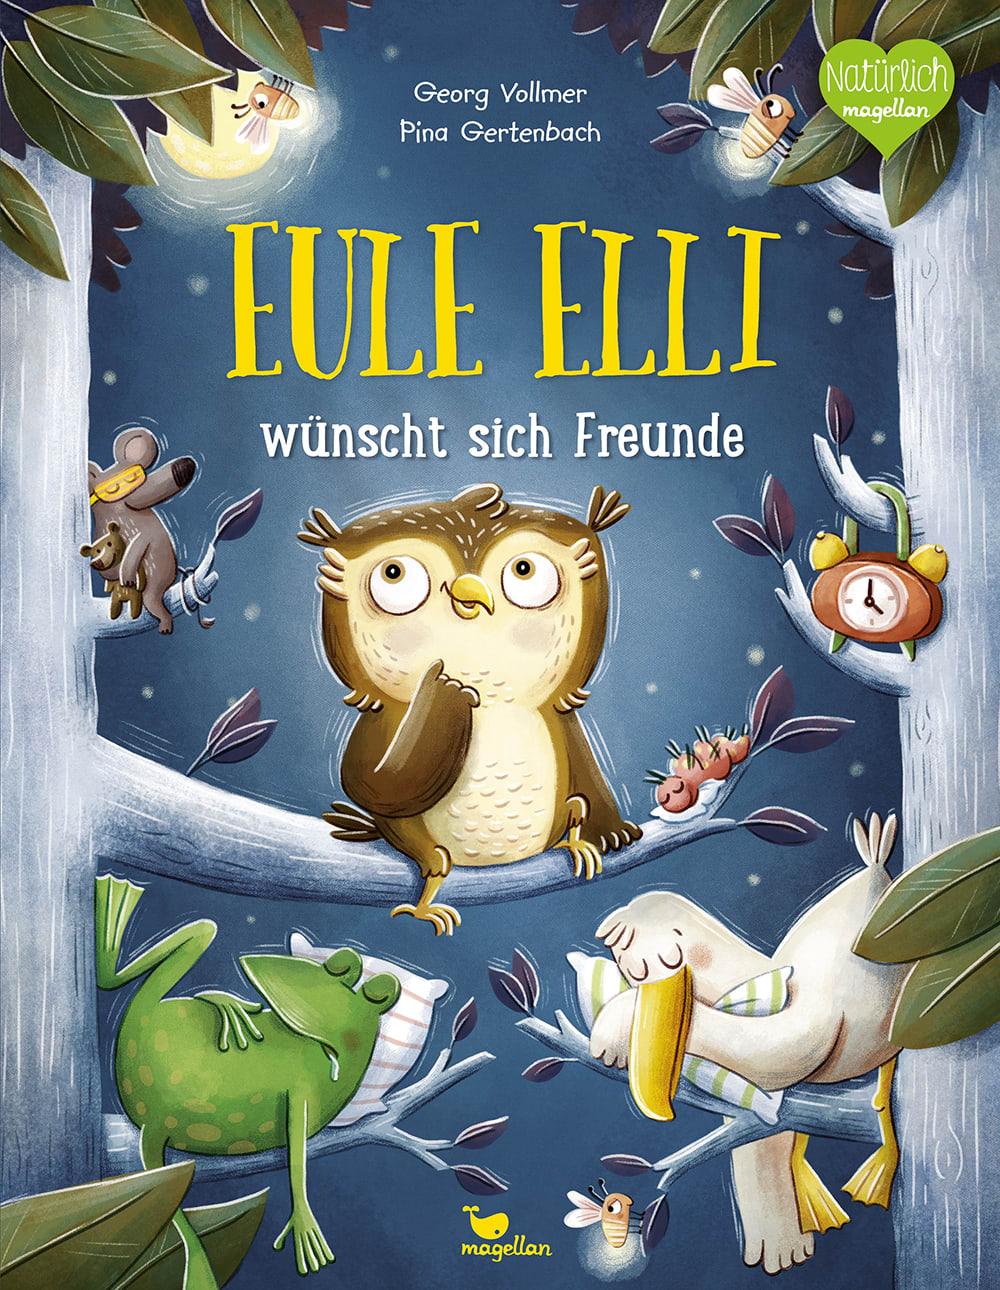 Cover Eule Elli wünscht sich Freunde Gutenachtgeschichte Bilderbuch von Georg Vollmer und Pina Gertenbach